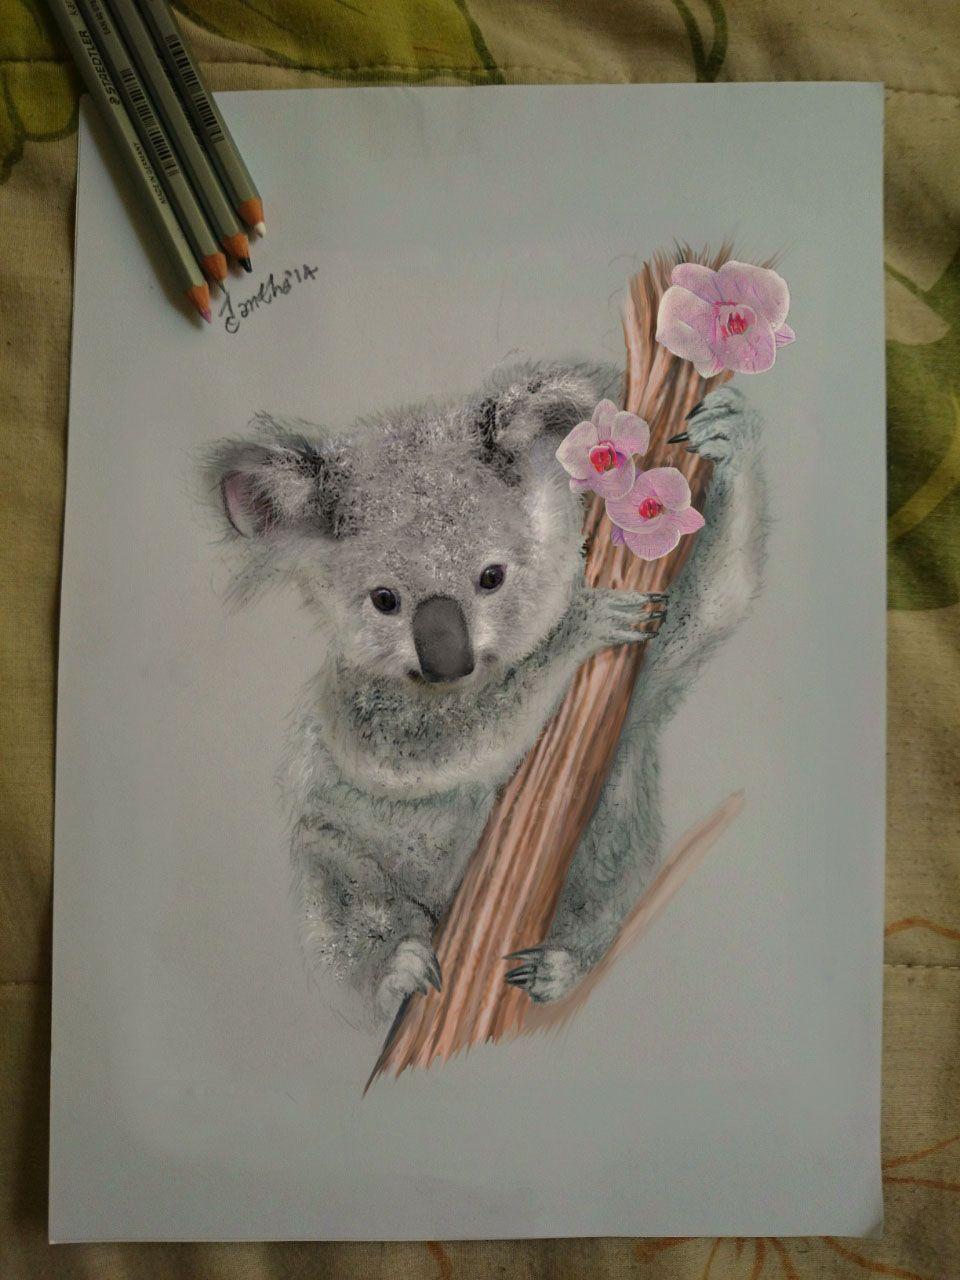 My Drawing A Koala Awww By Iangeliquein On Deviantart Drawings Dessin Koala Dessin Aquarelle Dessin Gar 231 On